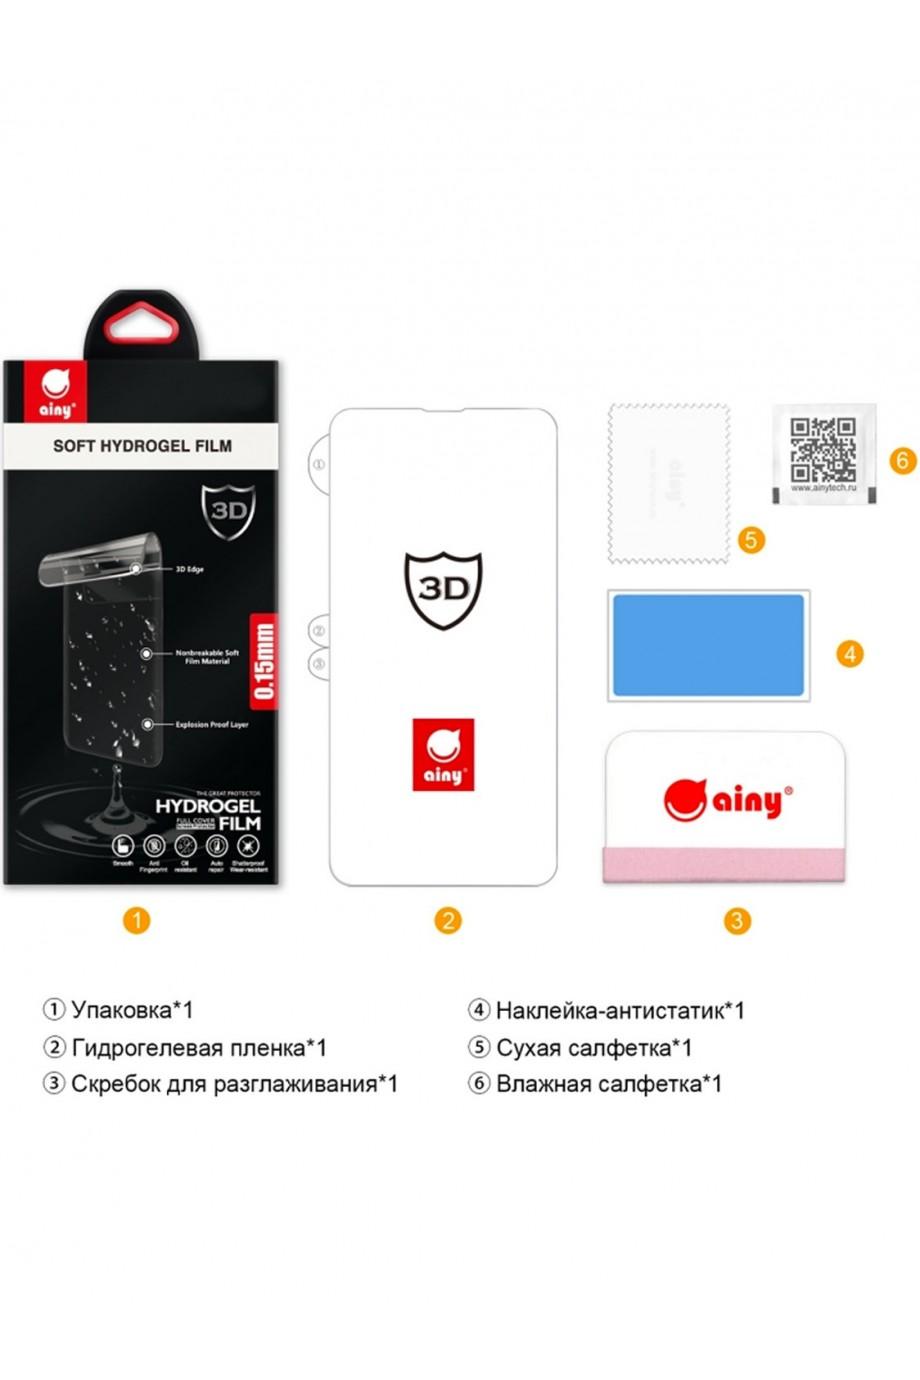 Гидрогелевая пленка 3D Ainy для Xiaomi Redmi 6